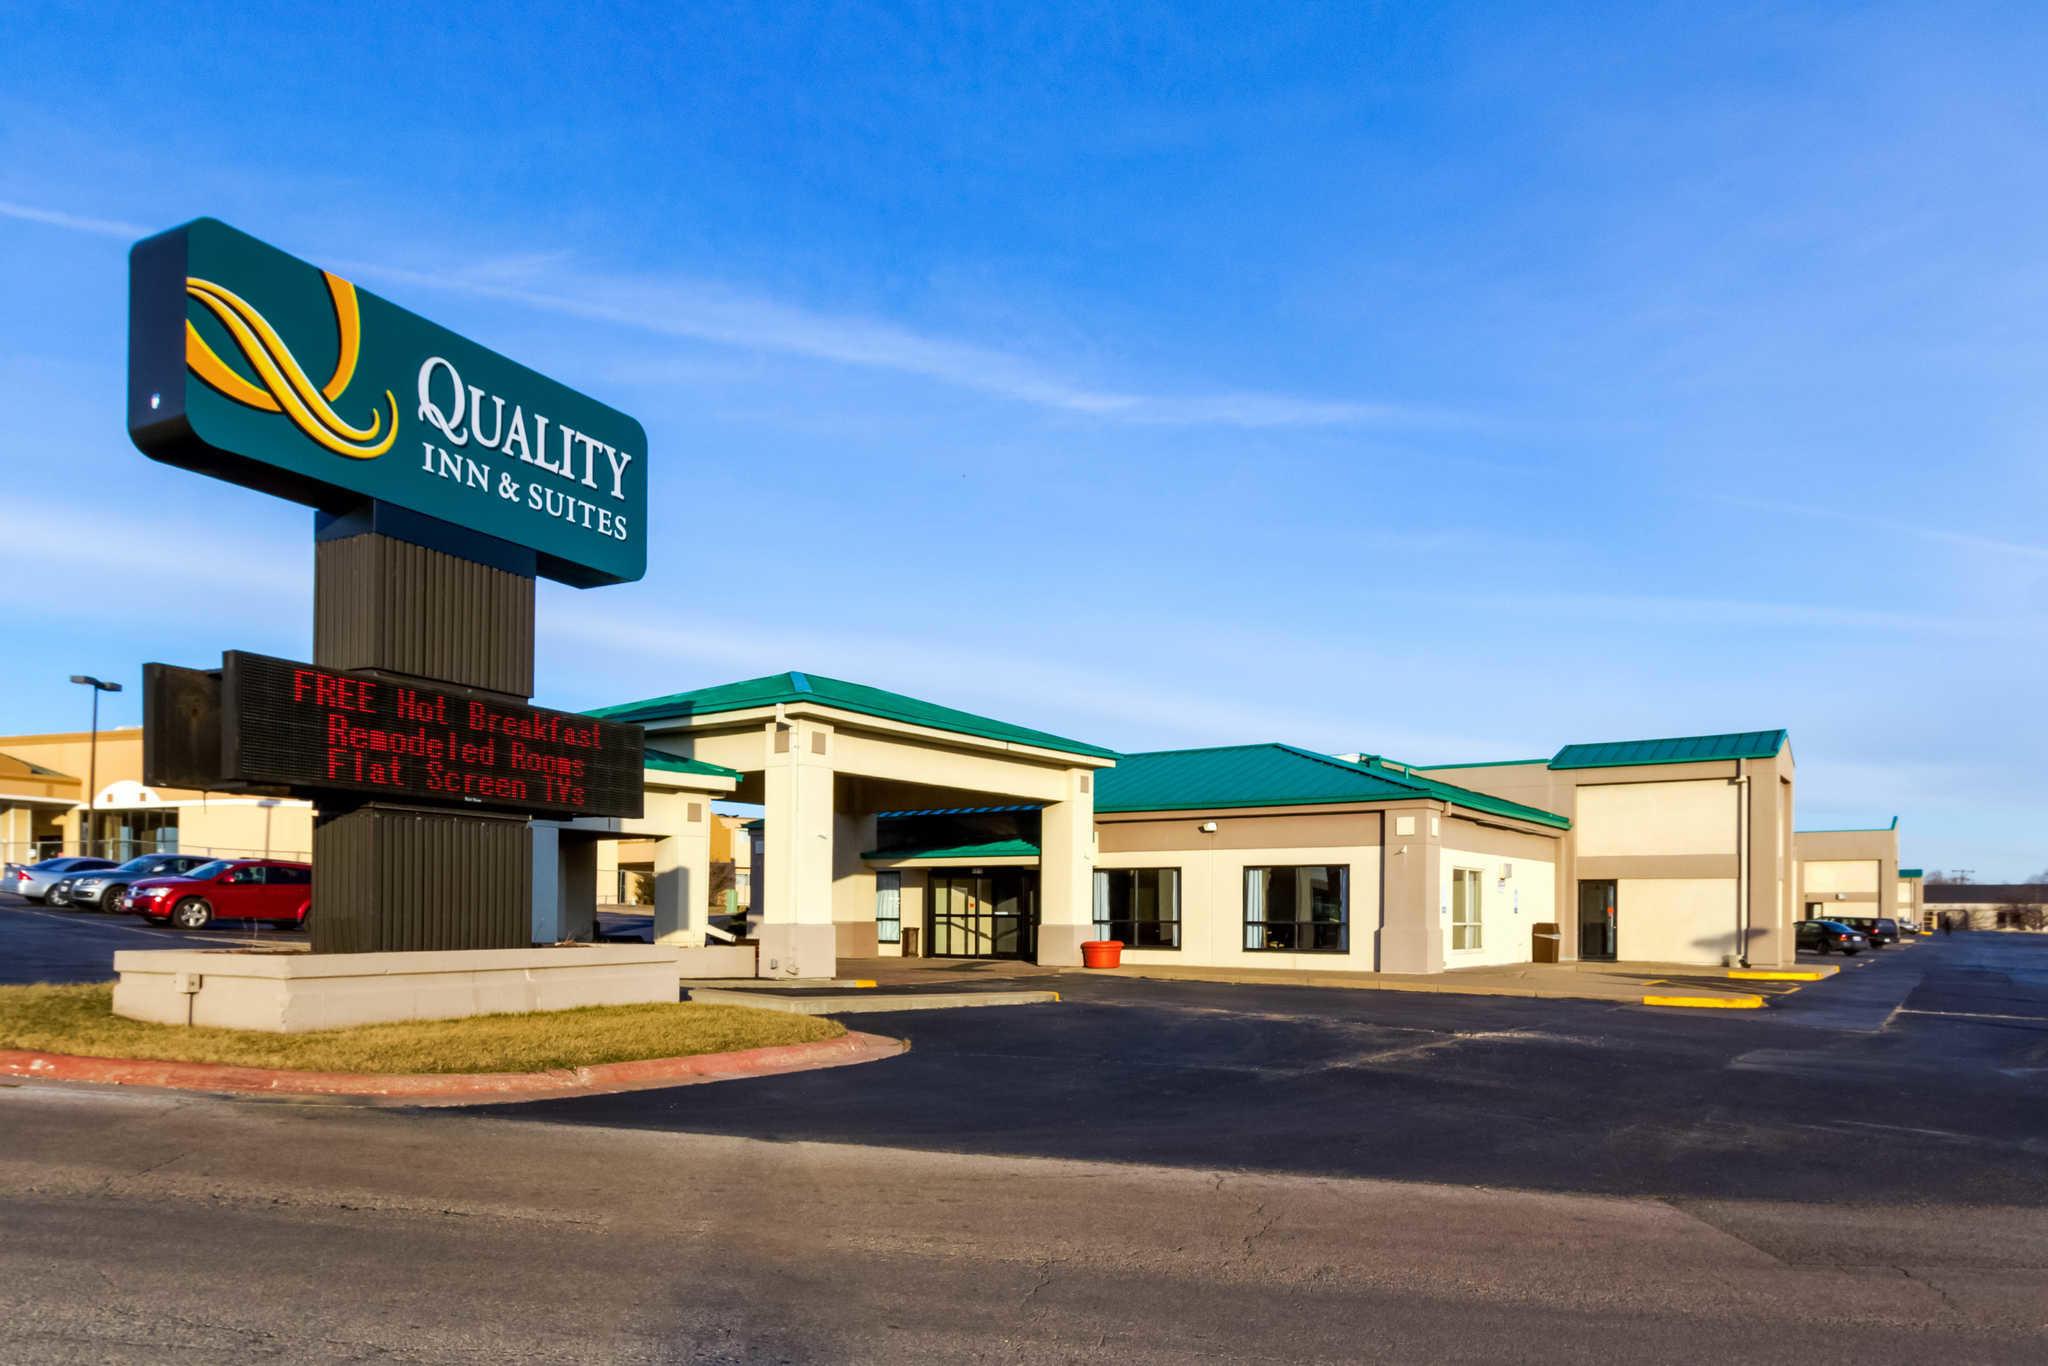 Quality Inn & Suites Moline - Quad Cities image 1